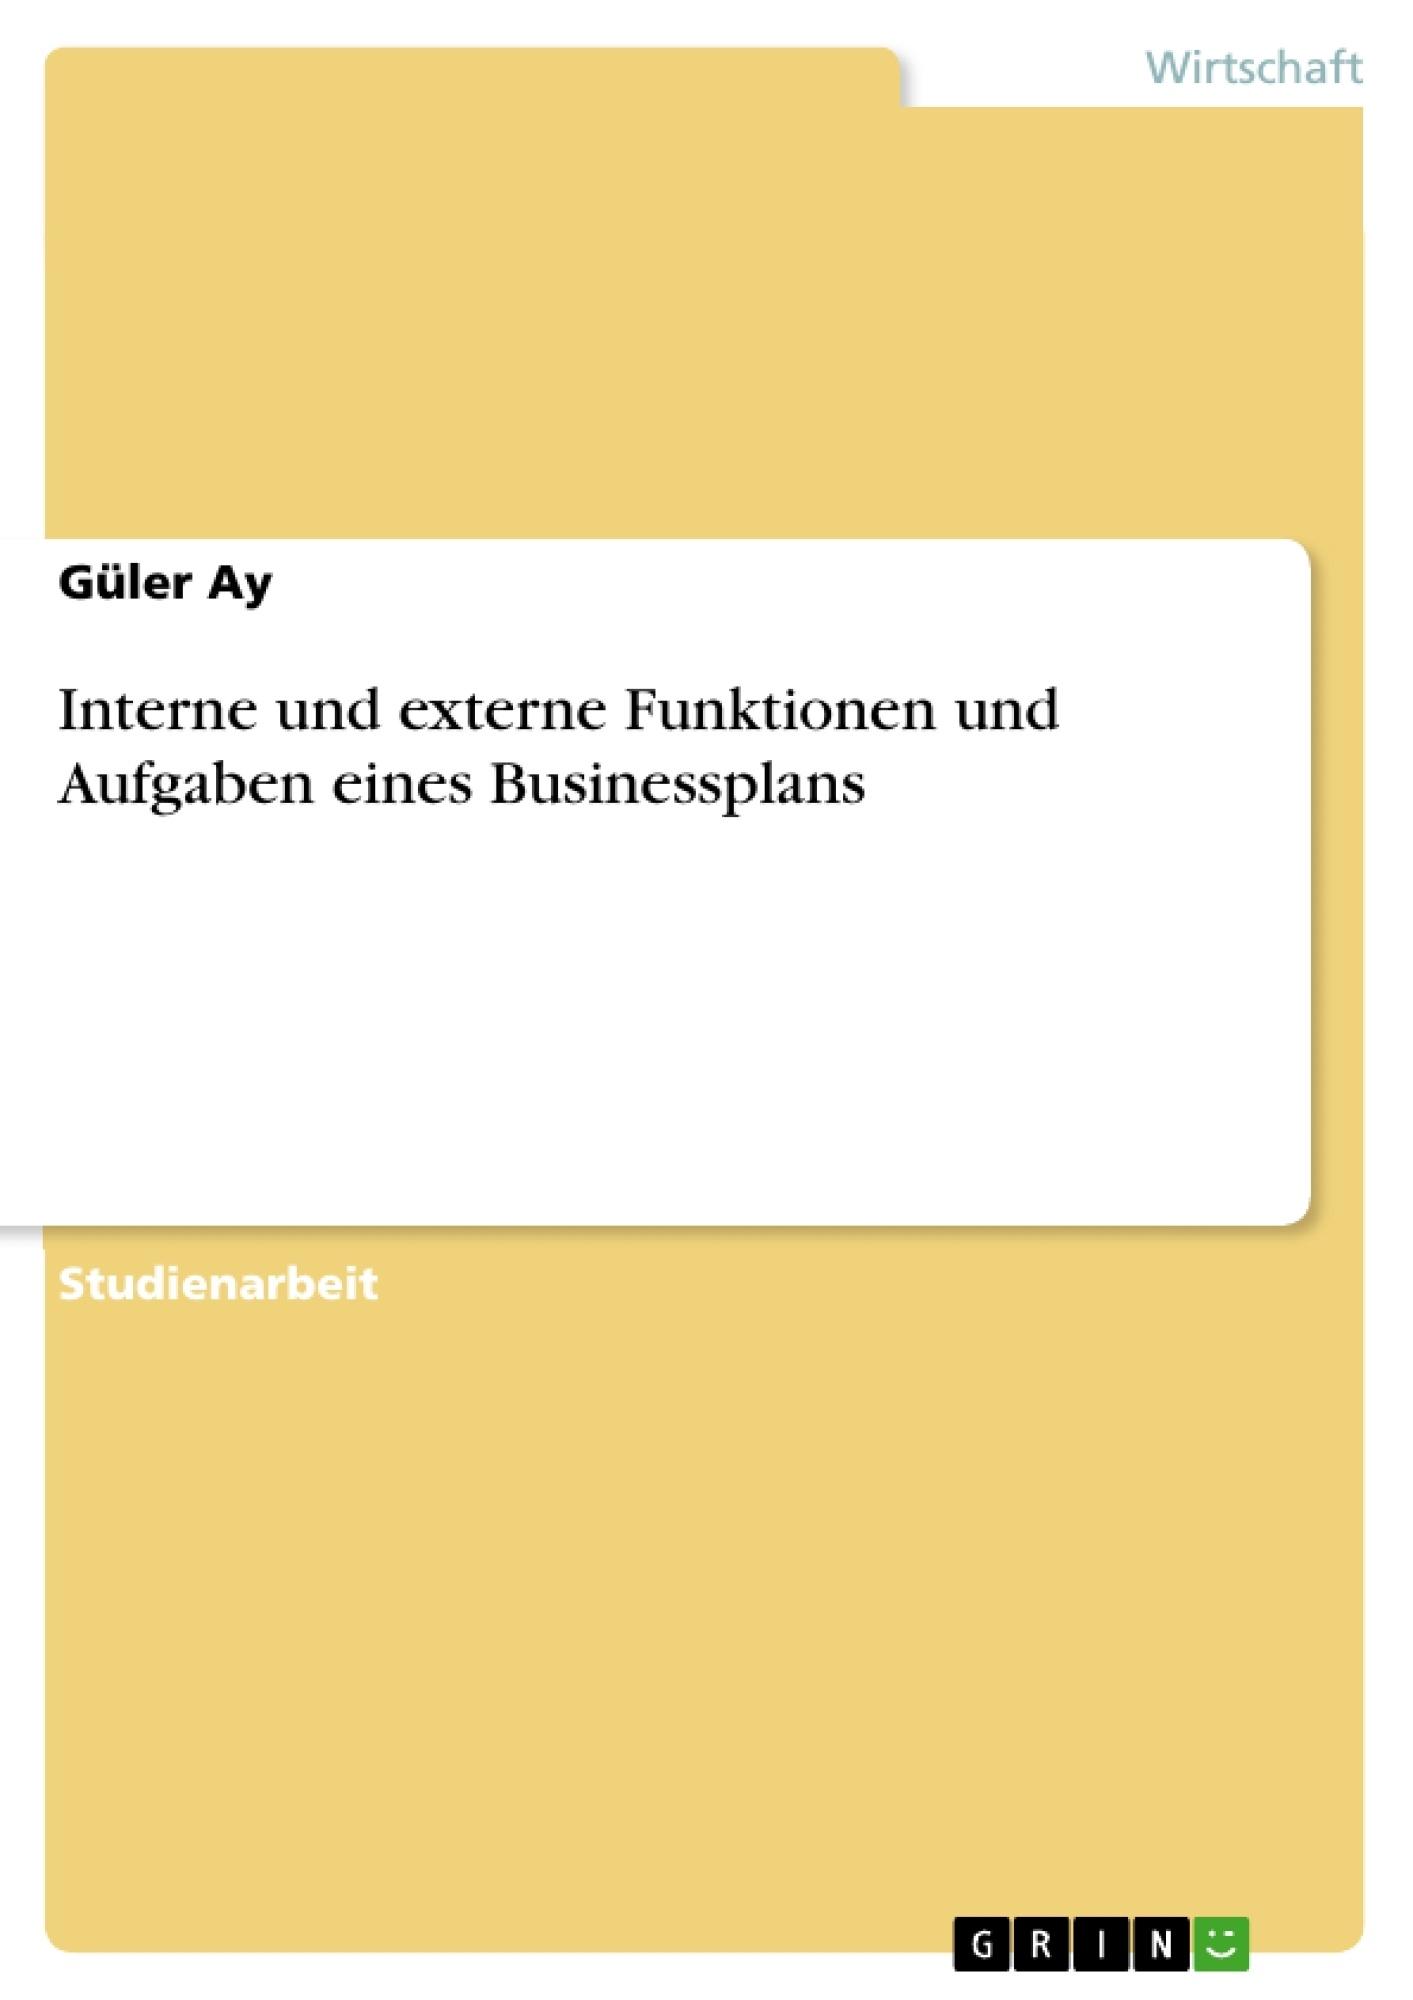 Titel: Interne und externe Funktionen und Aufgaben eines Businessplans